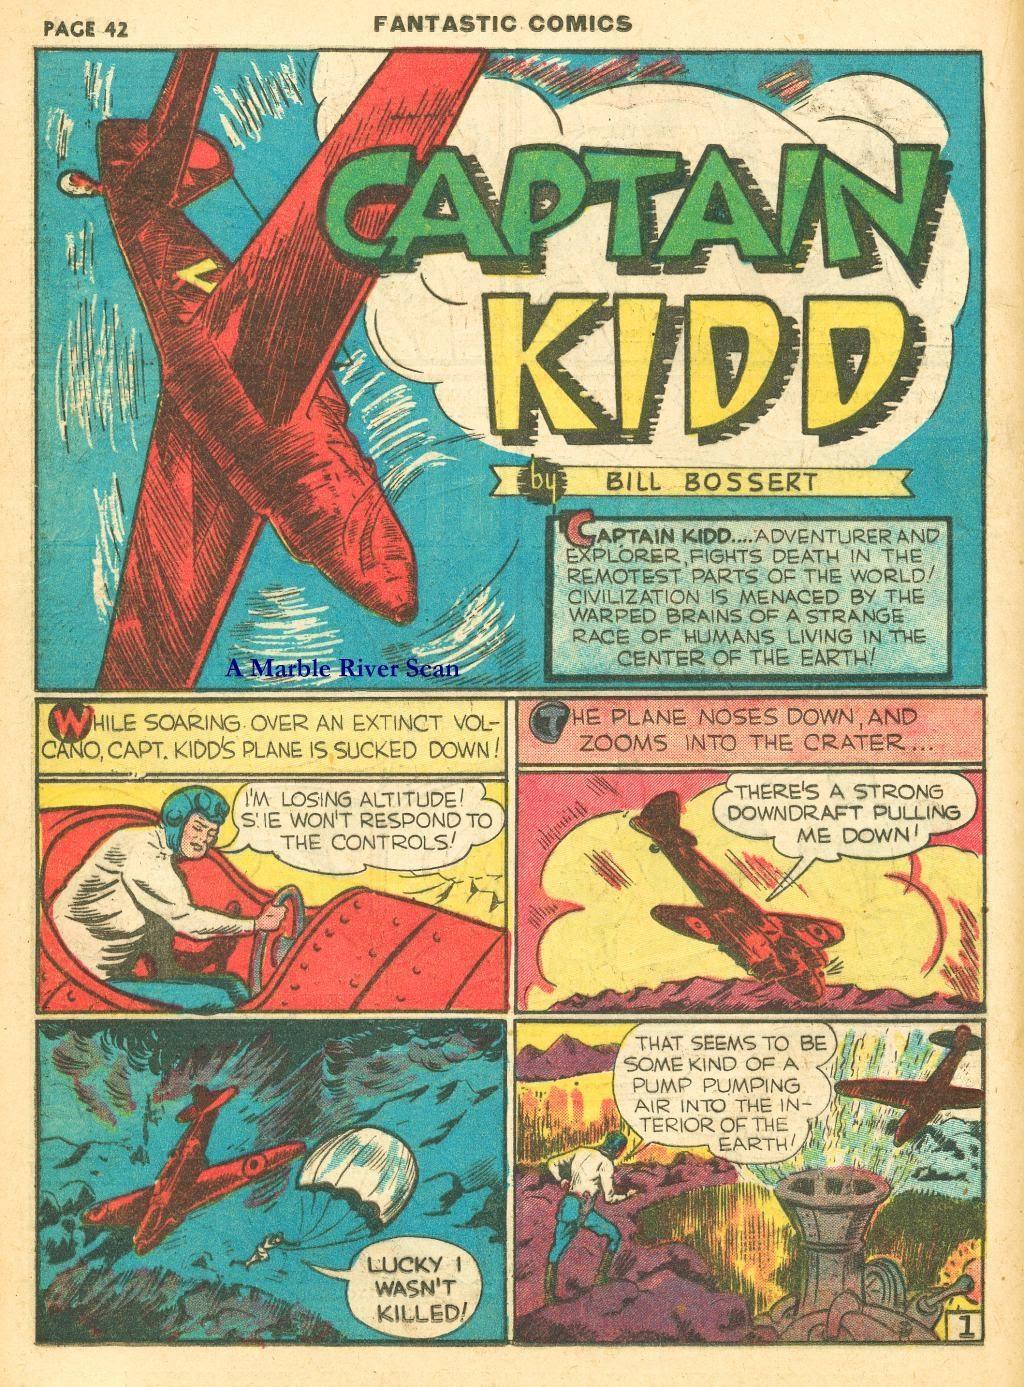 Read online Fantastic Comics comic -  Issue #12 - 44